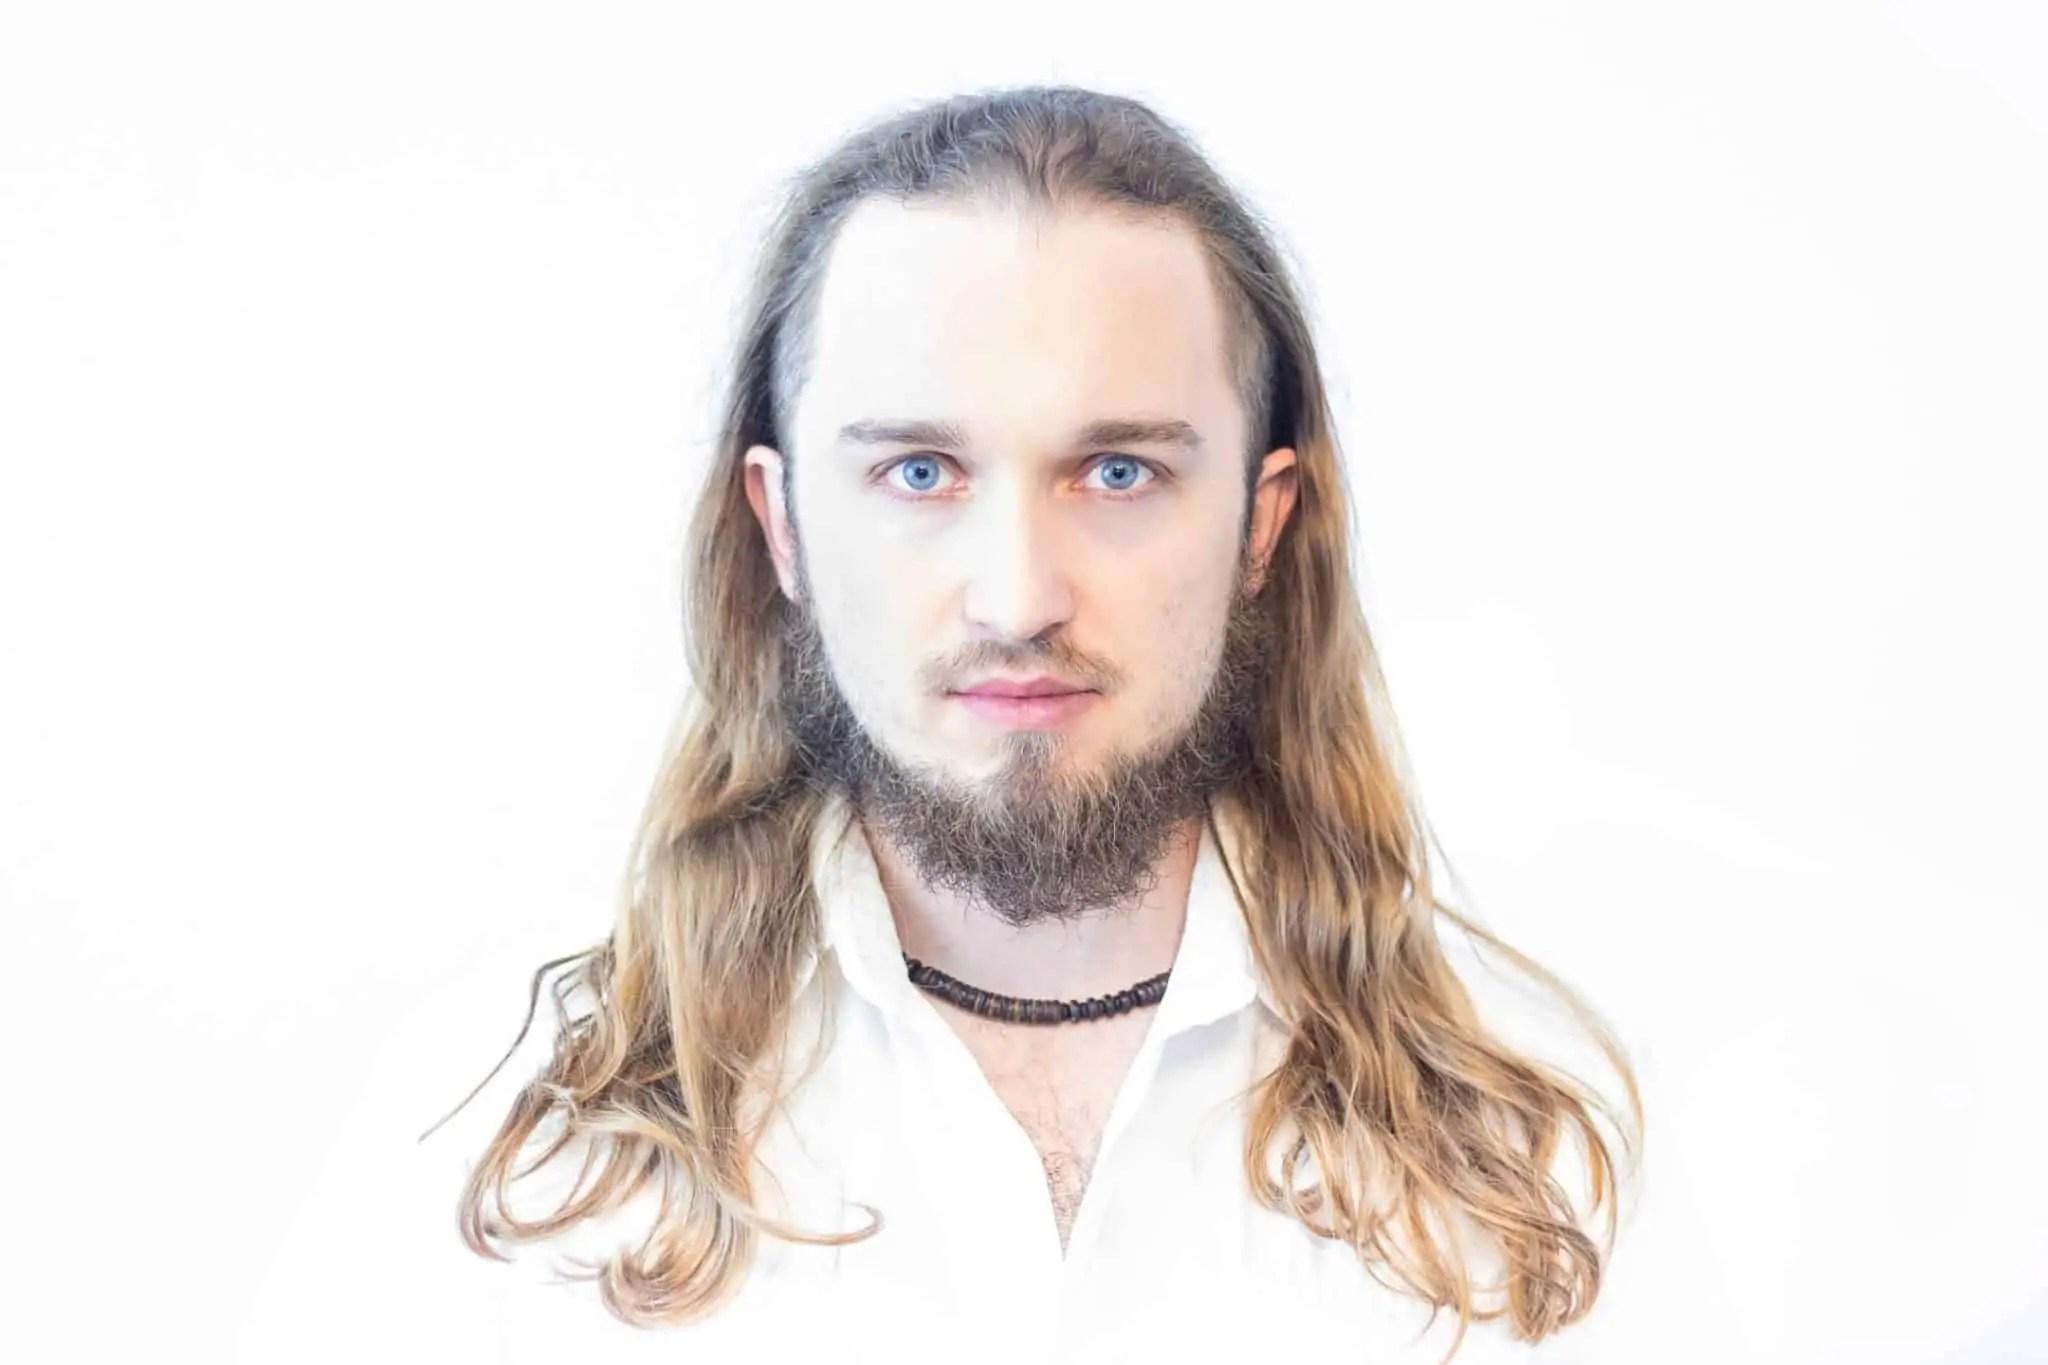 Biały portret Piotr Kowalski typ high key photography 6 normal pp scaled - Biały portret na białym tle